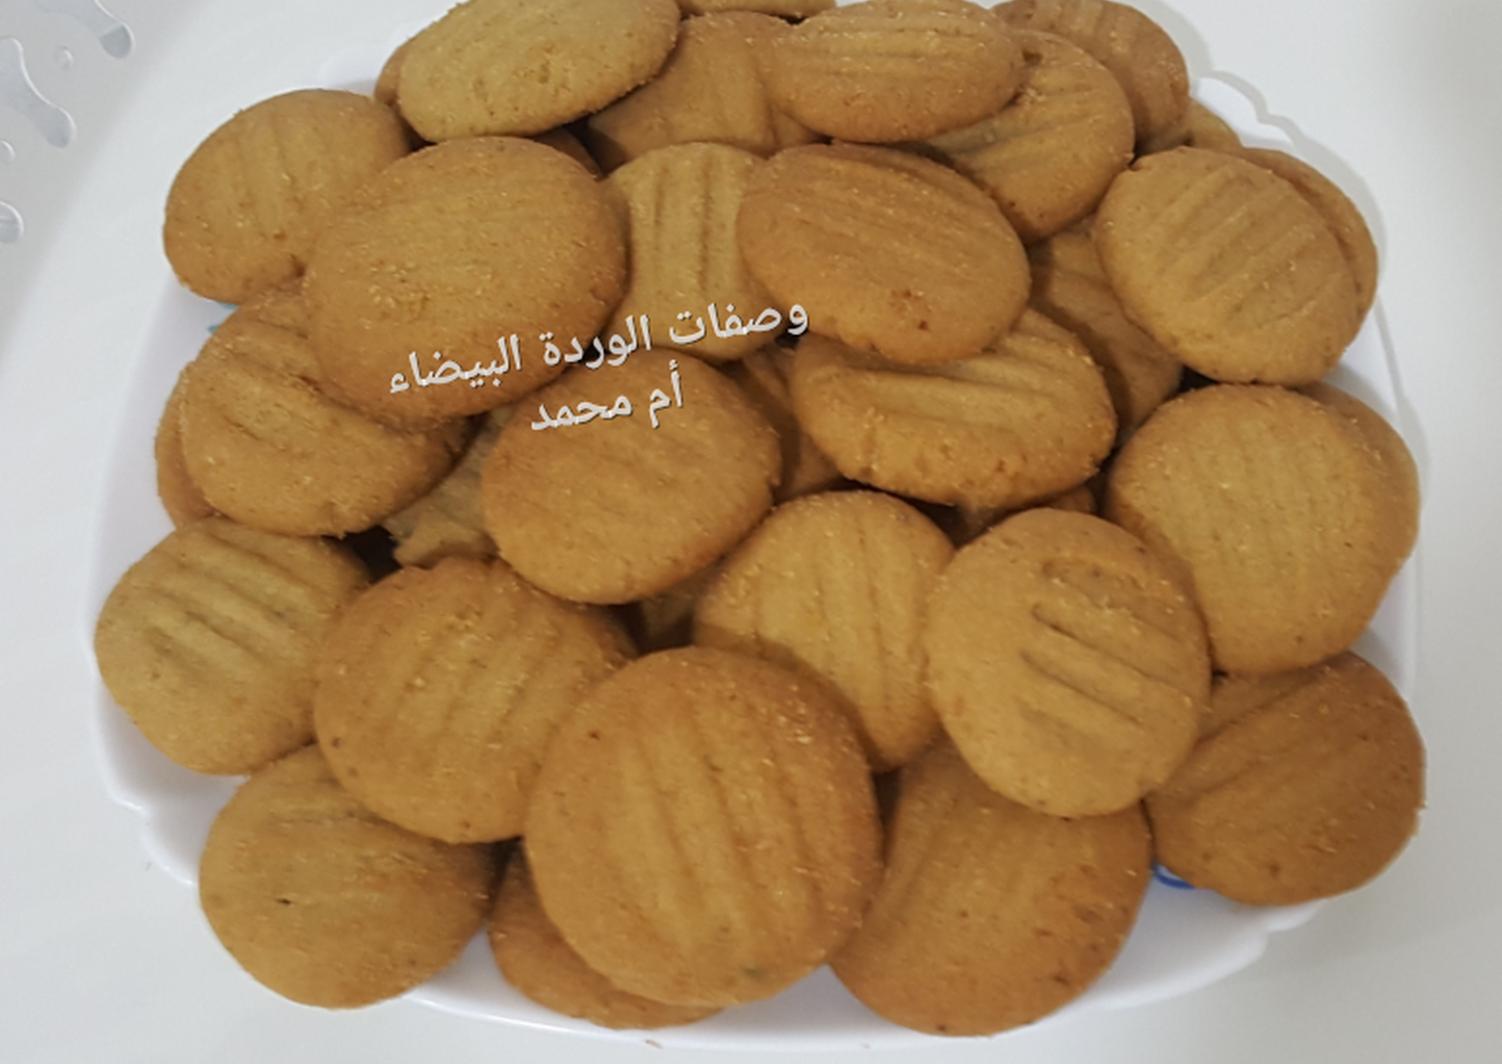 بسكويت الشعير بنكهة البرتقال بالصور من وصفات أم محمد الوردة البيضاء 1 Recipe Delicious Cookies Food